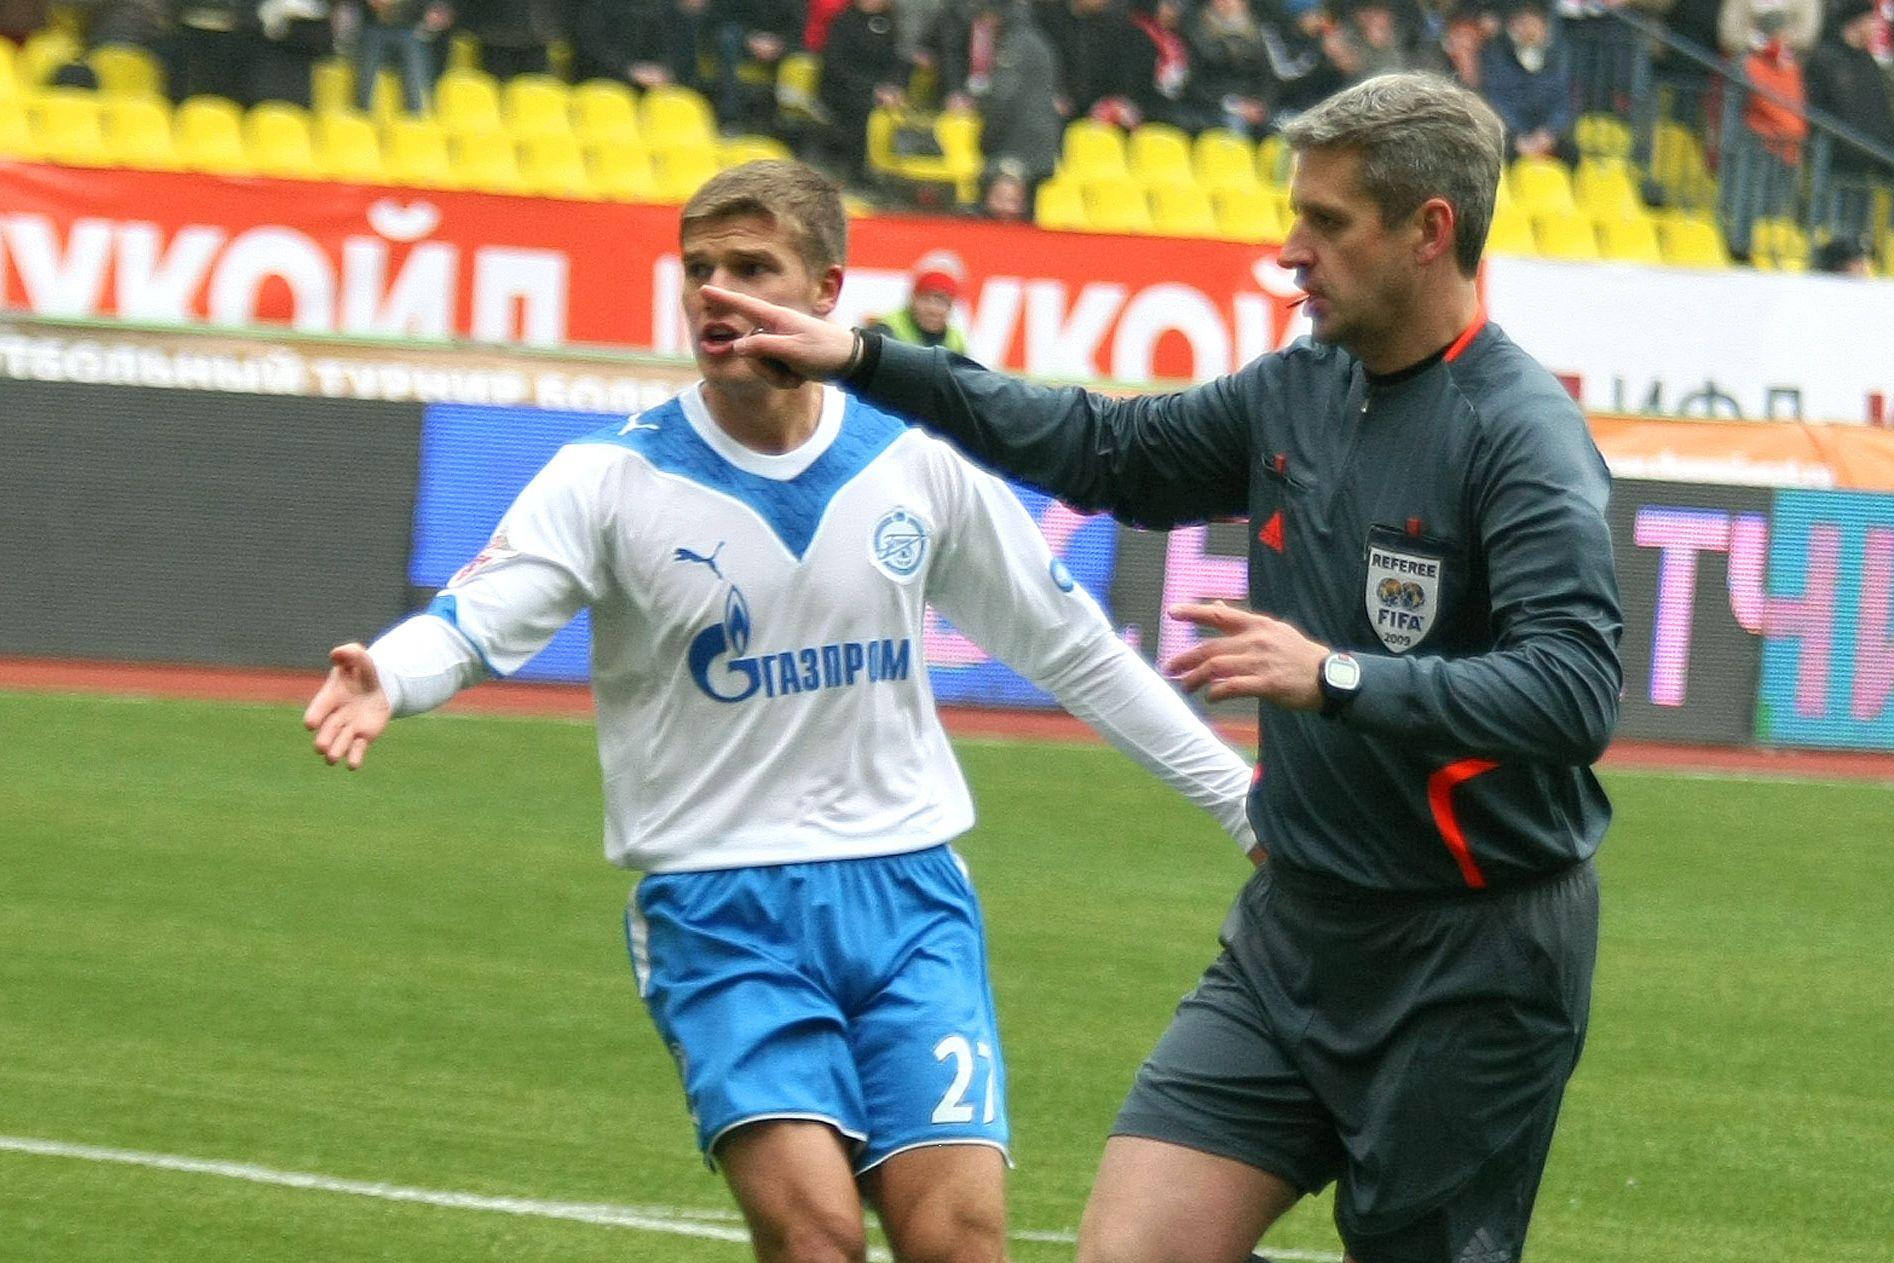 Сухина прокомментировал скандал с его посещением судейской перед матчем 'Локомотив' - 'Спартак'